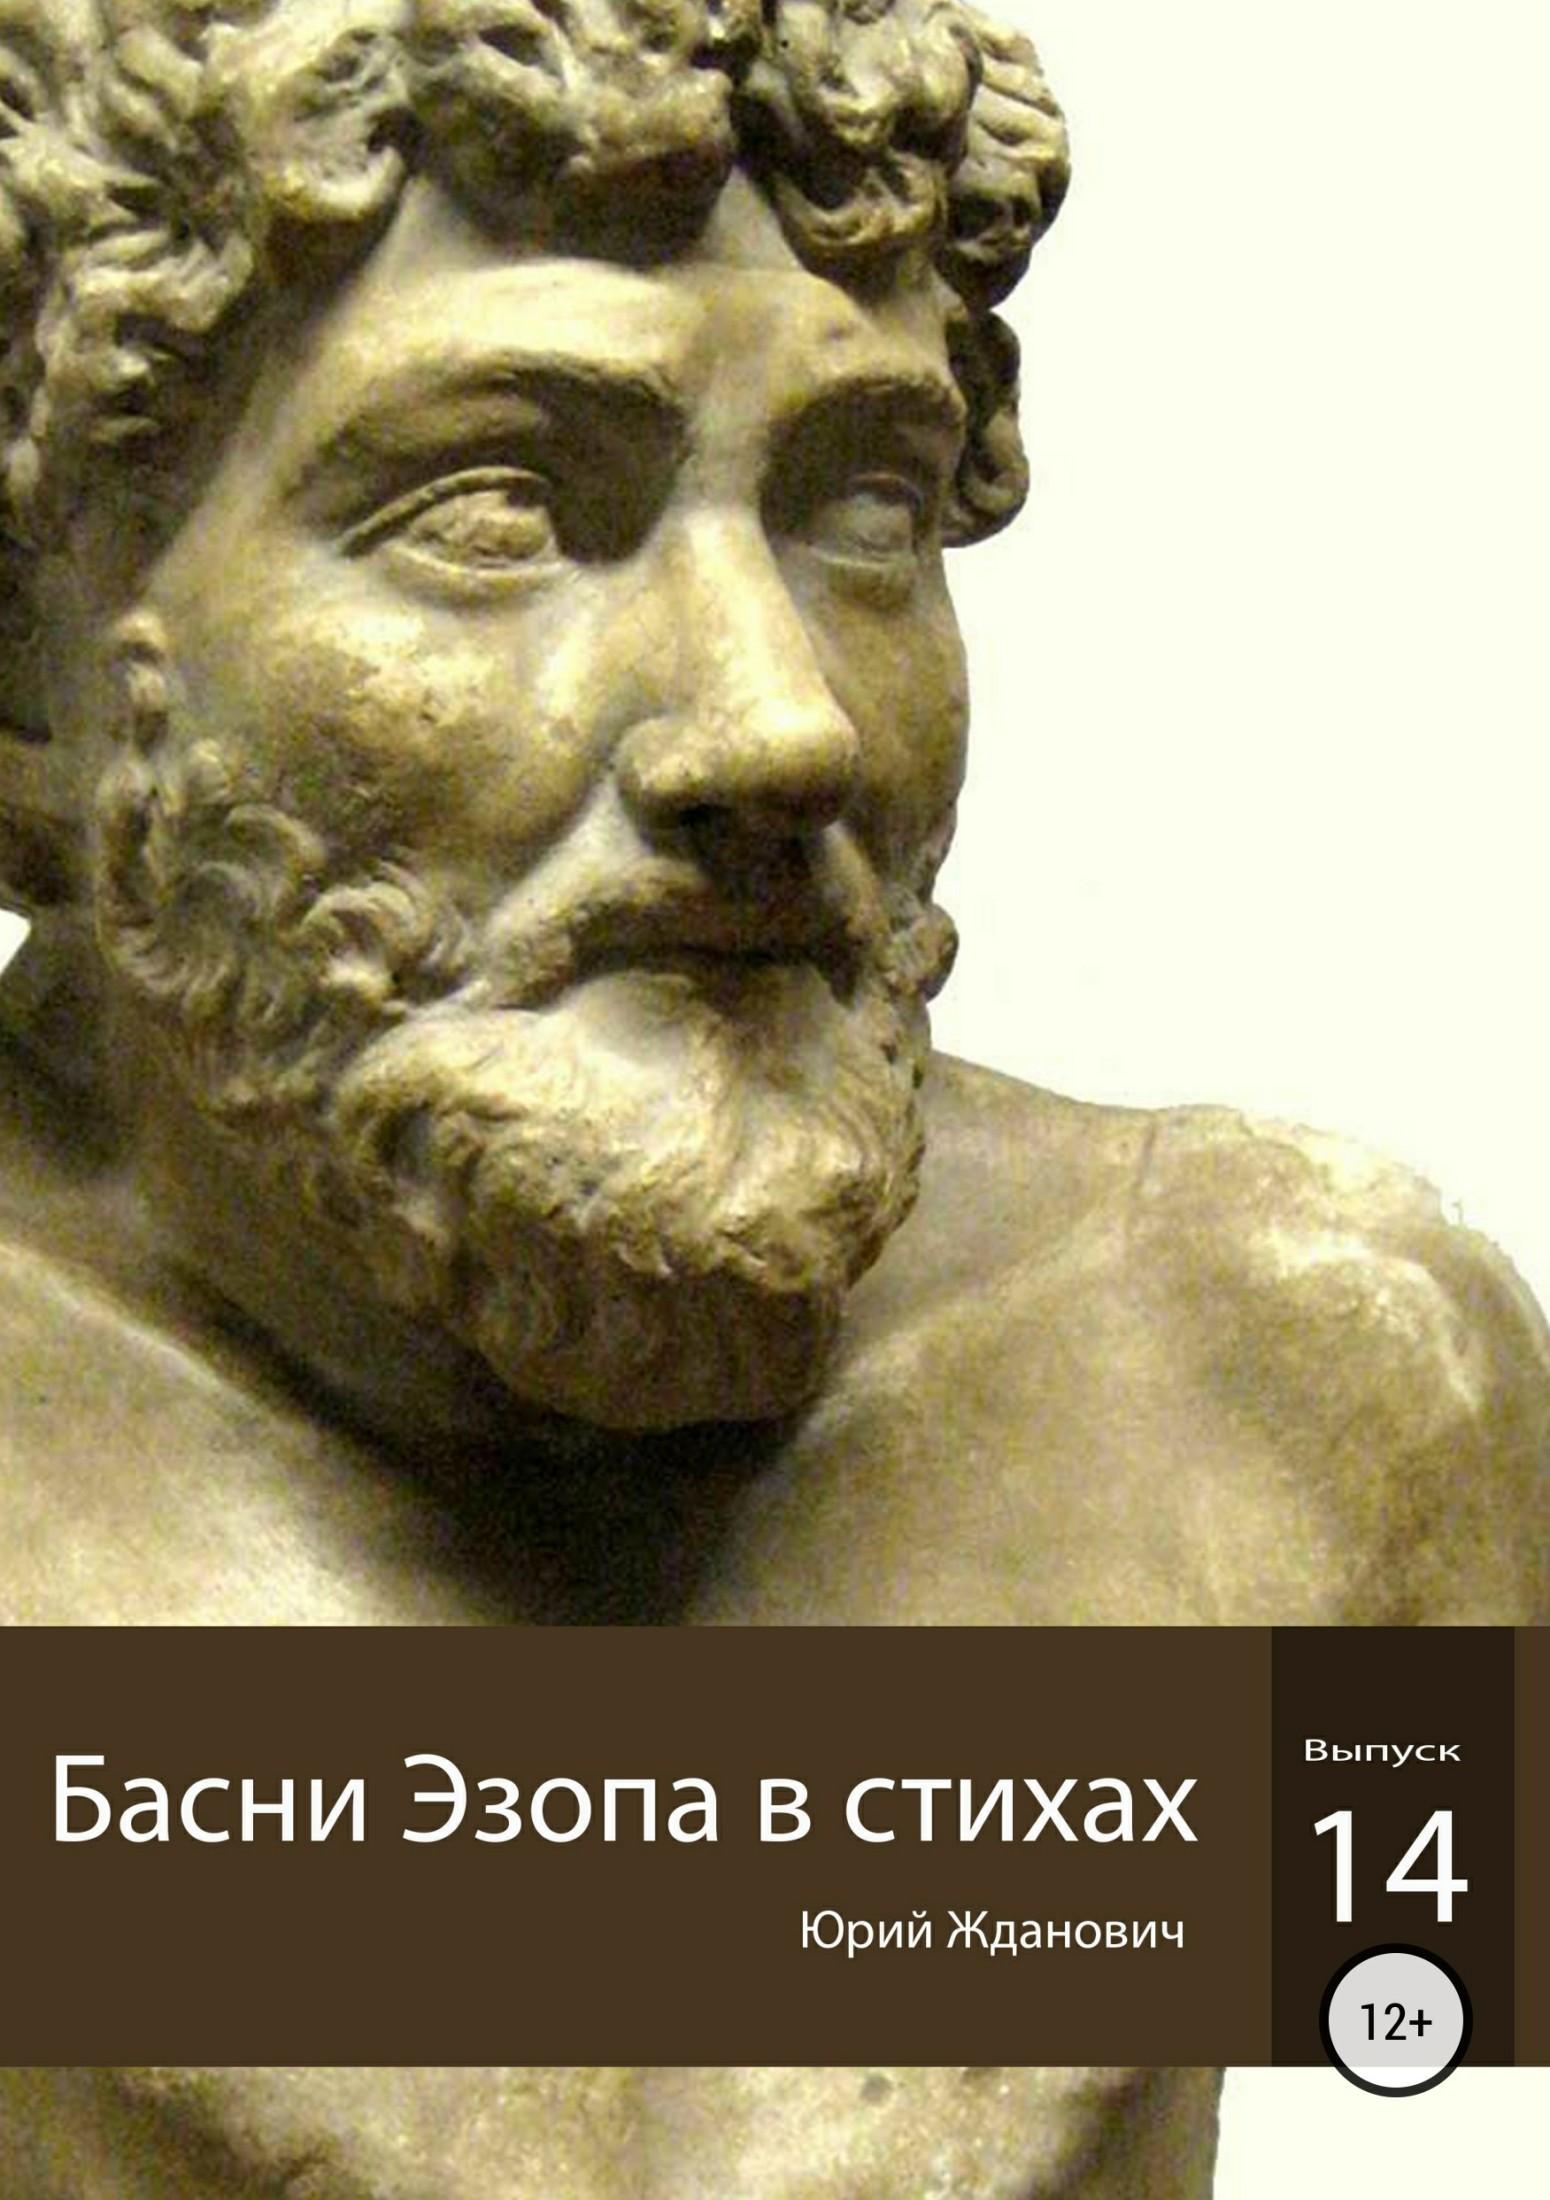 Юрий Михайлович Жданович Басни Эзопа в стихах. Выпуск 14